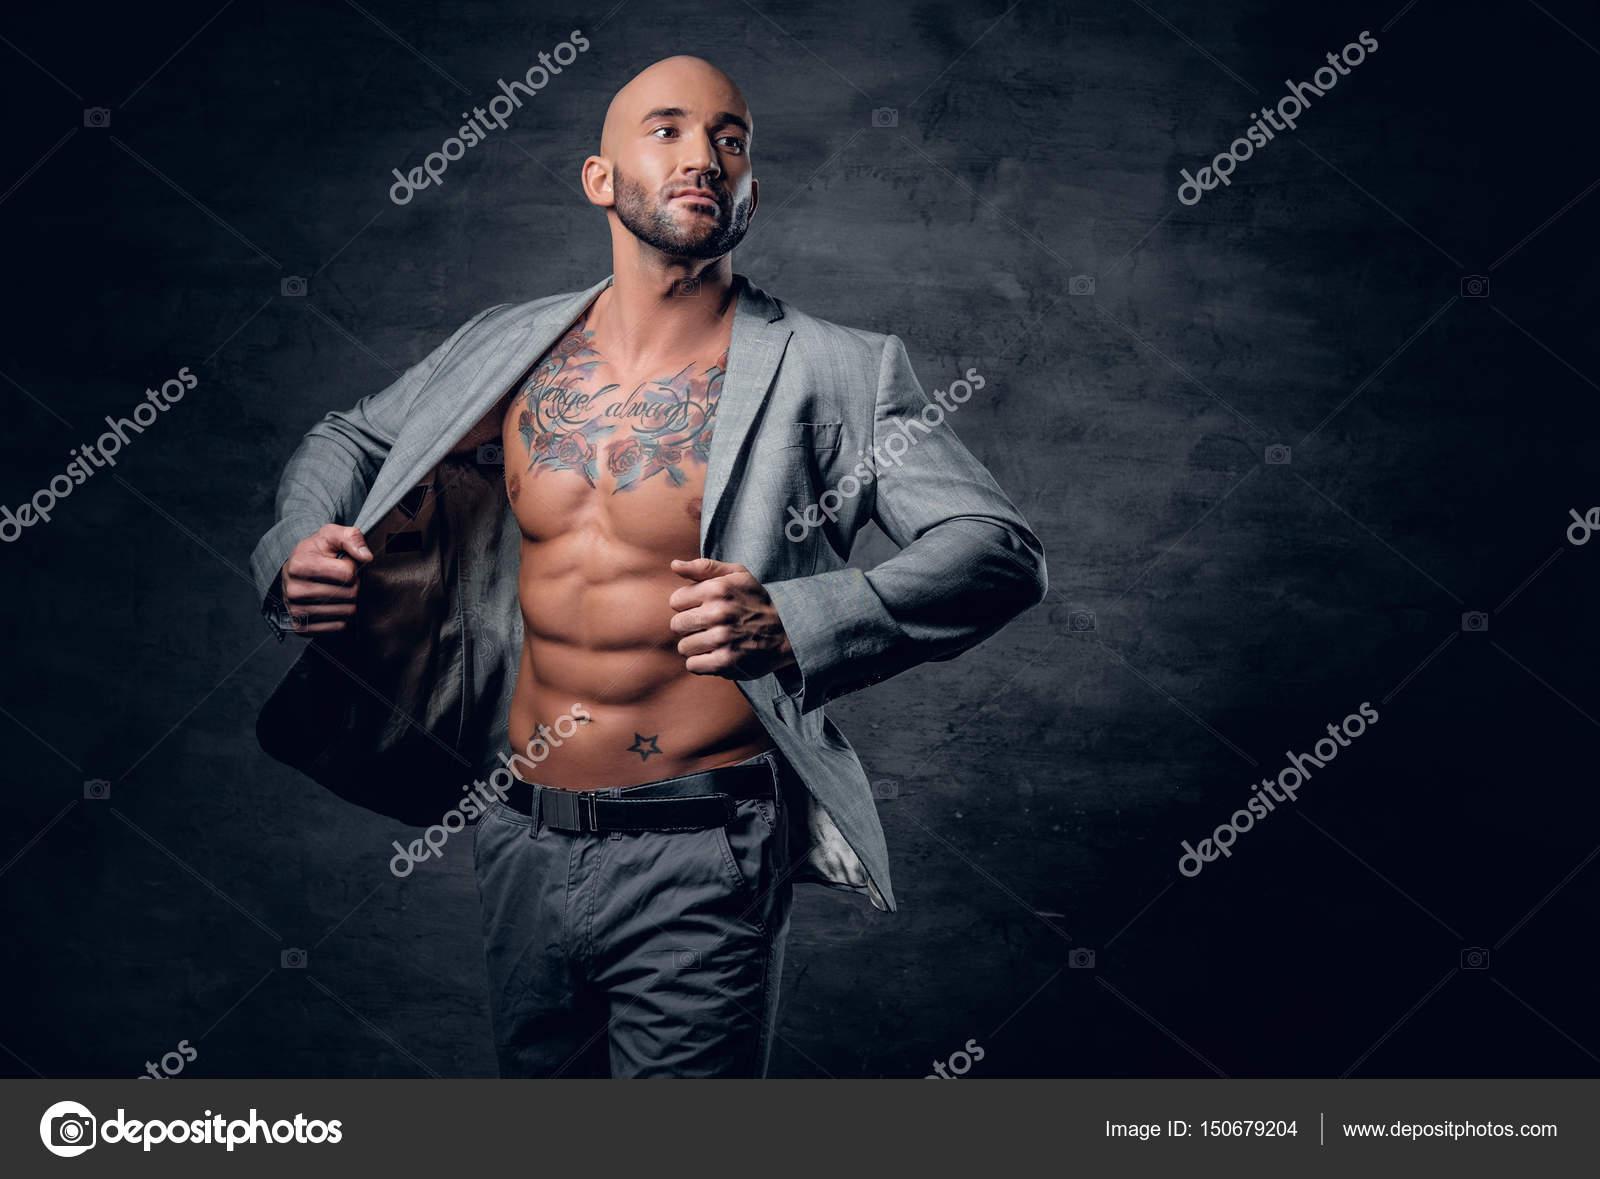 Un Homme Dans Une Veste Sur Son Corps Nu, Tenant Un